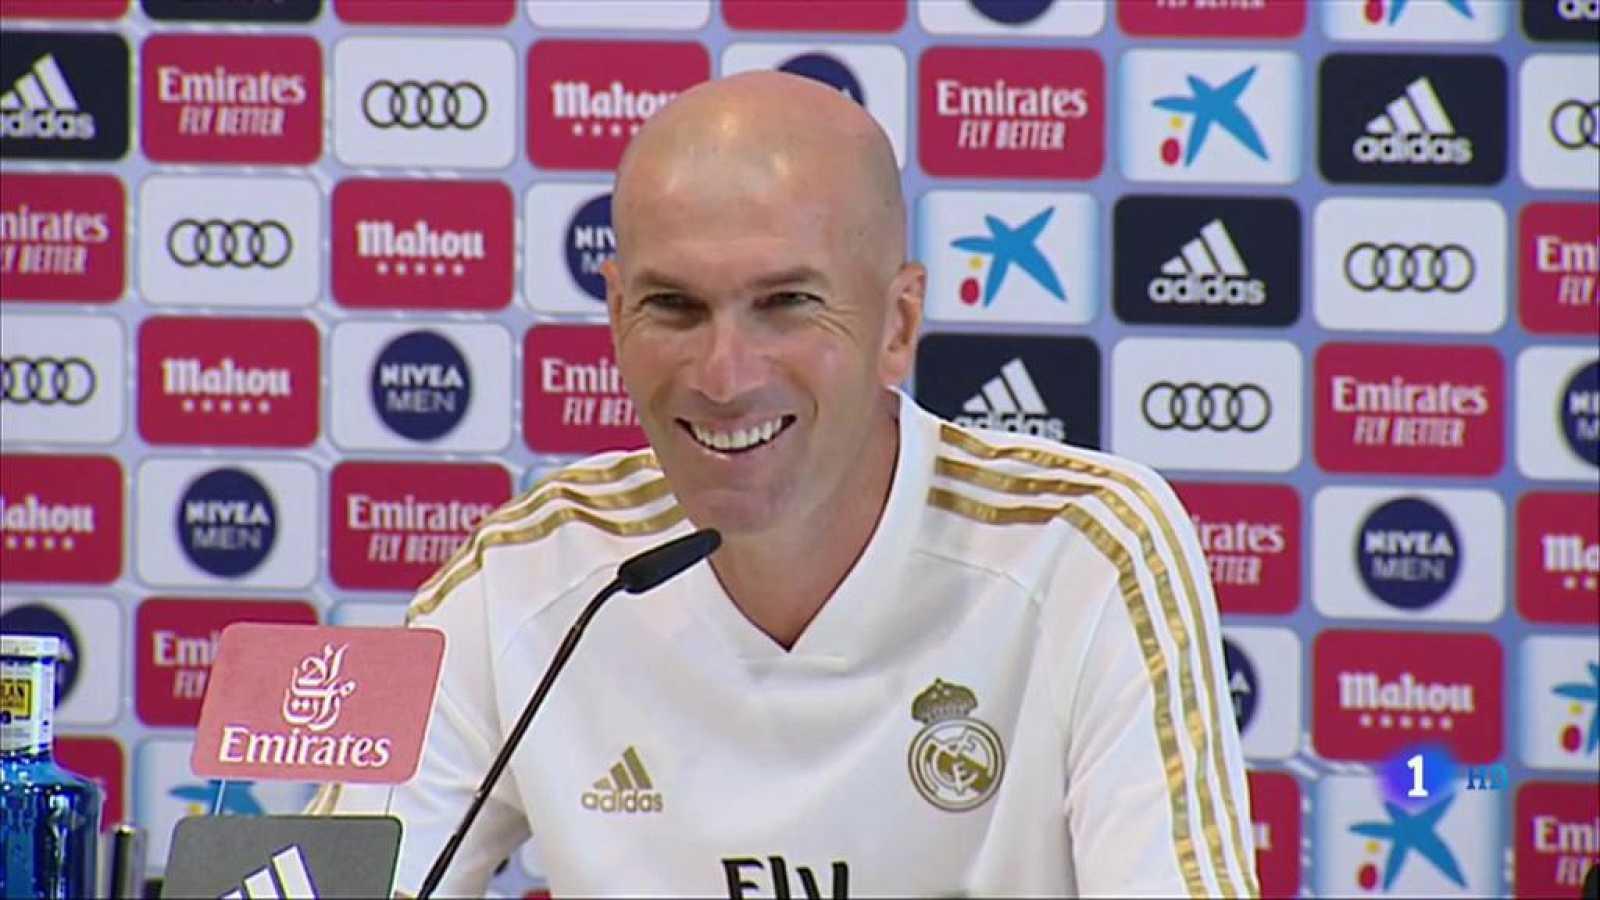 """El entrenador del Real Madrid, el francés Zinedine Zidane no dio pista alguna sobre el presunto interés del club en incorporar al brasileño Neymar, no respondió tampoco a las preguntas sobre el tema, y expresó solo su deseo de que """"llegue el día 2 p"""